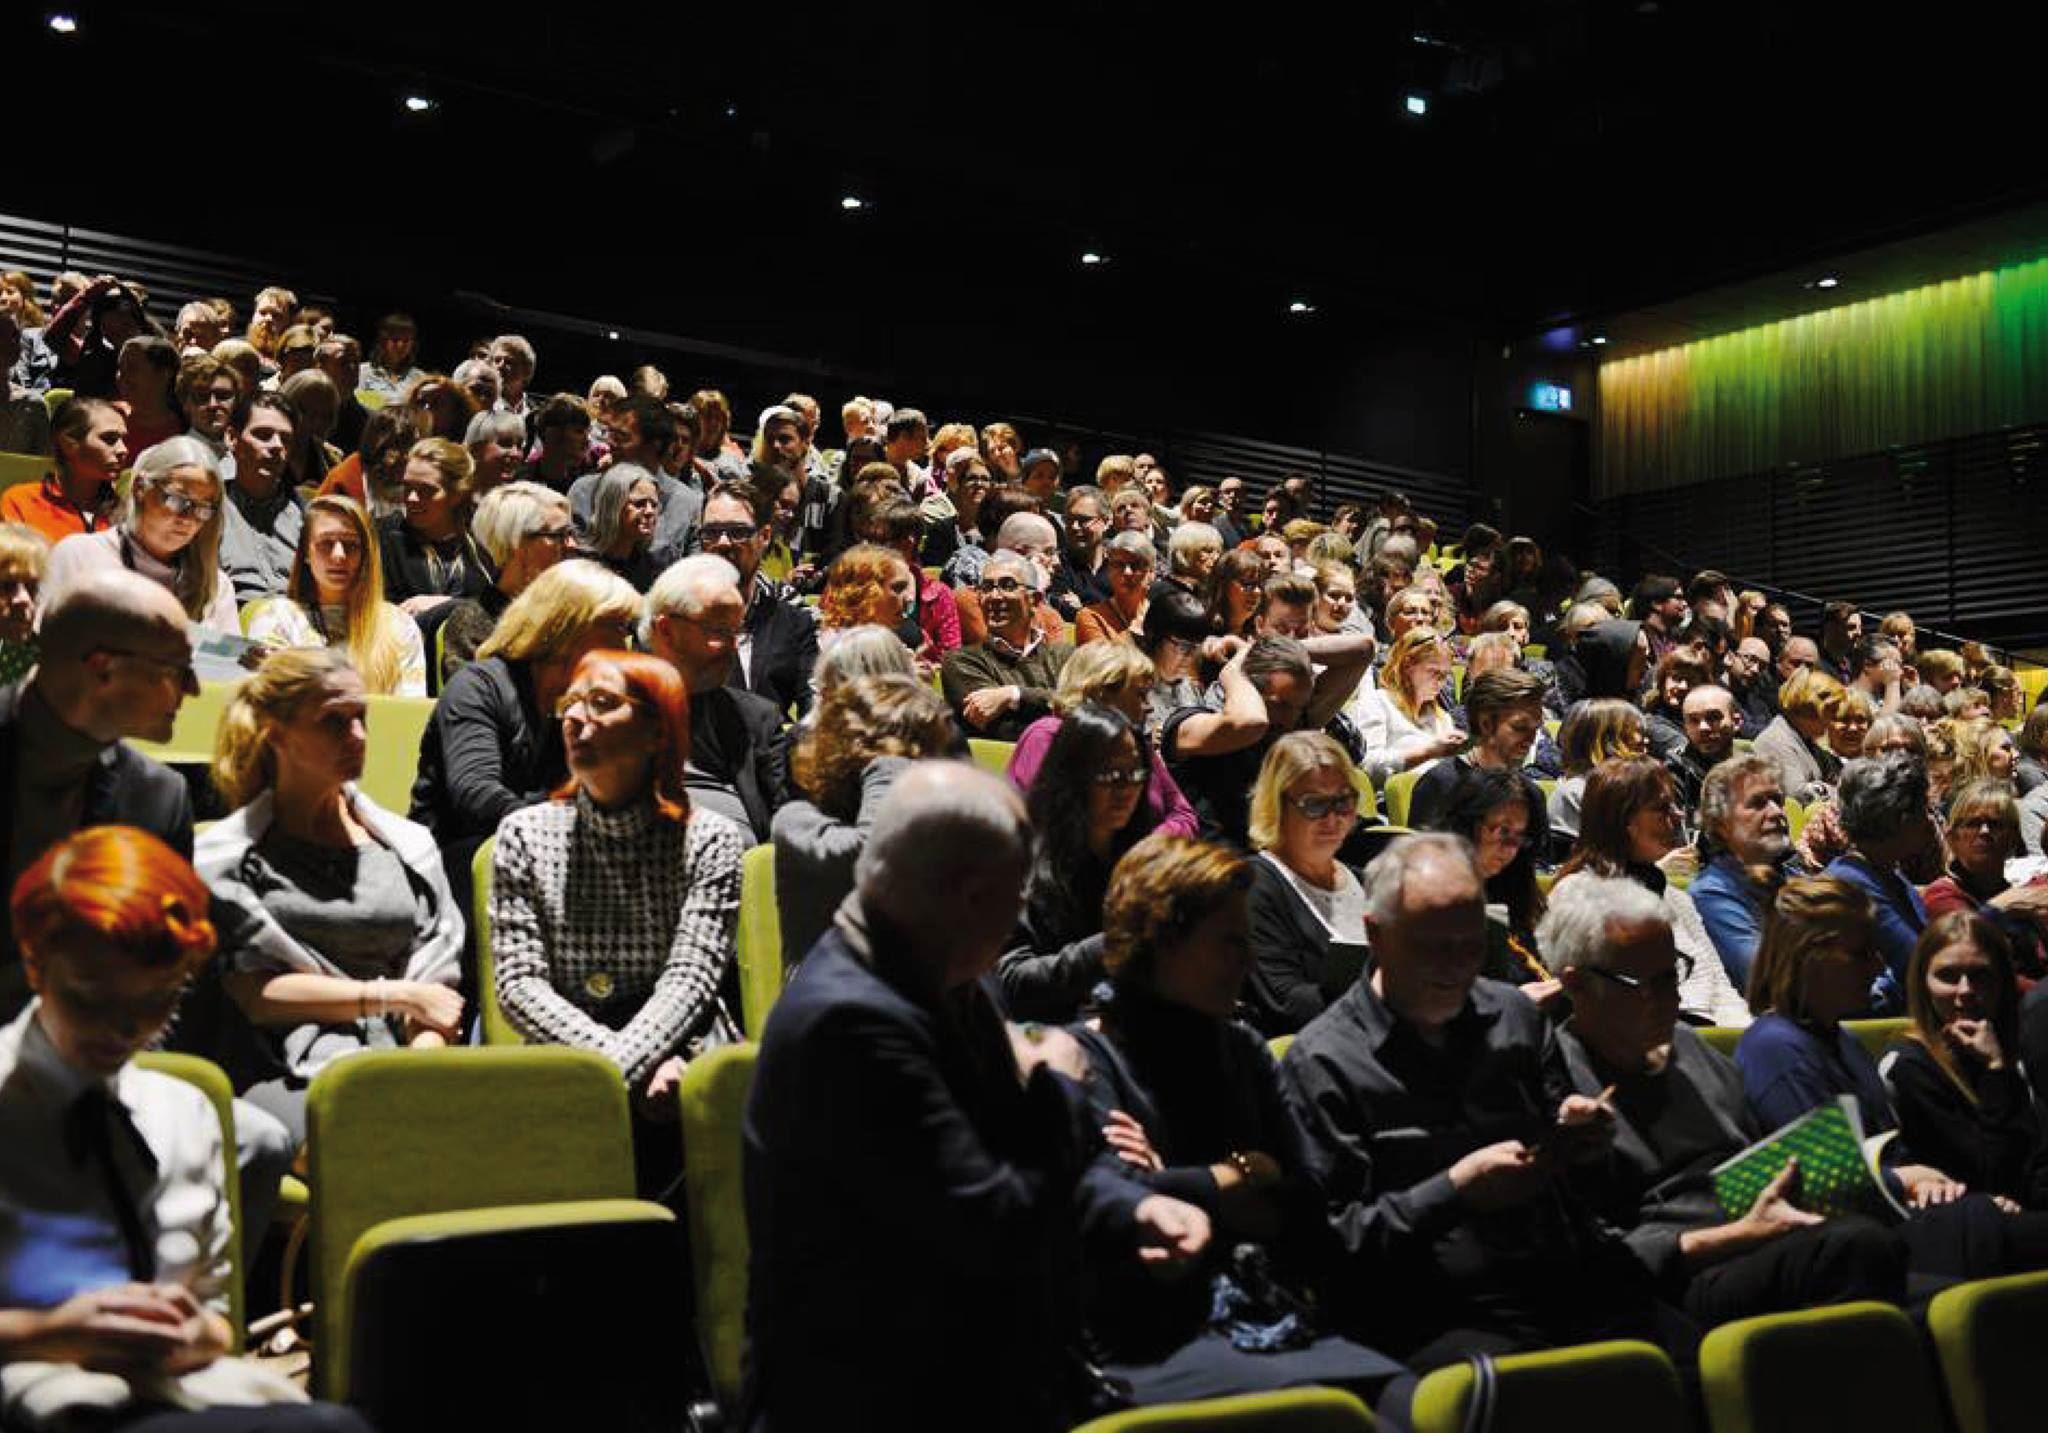 © Umeå Europeiska Filmfestival, Umeå Europeiska Filmfestival